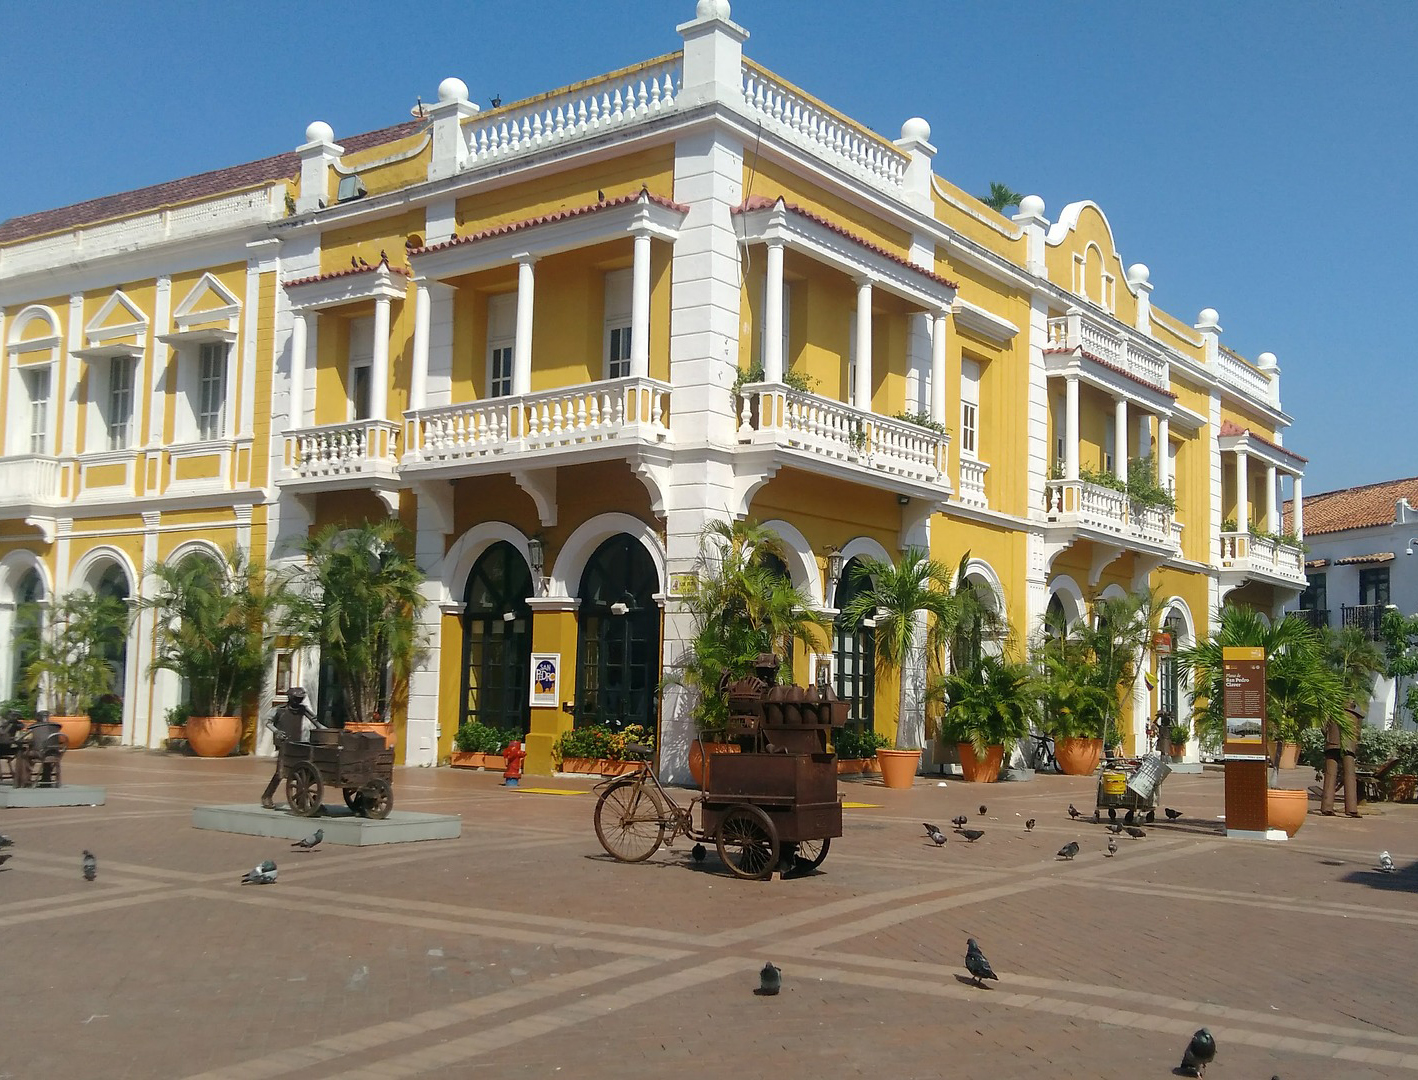 Saint Pedro Claver Square